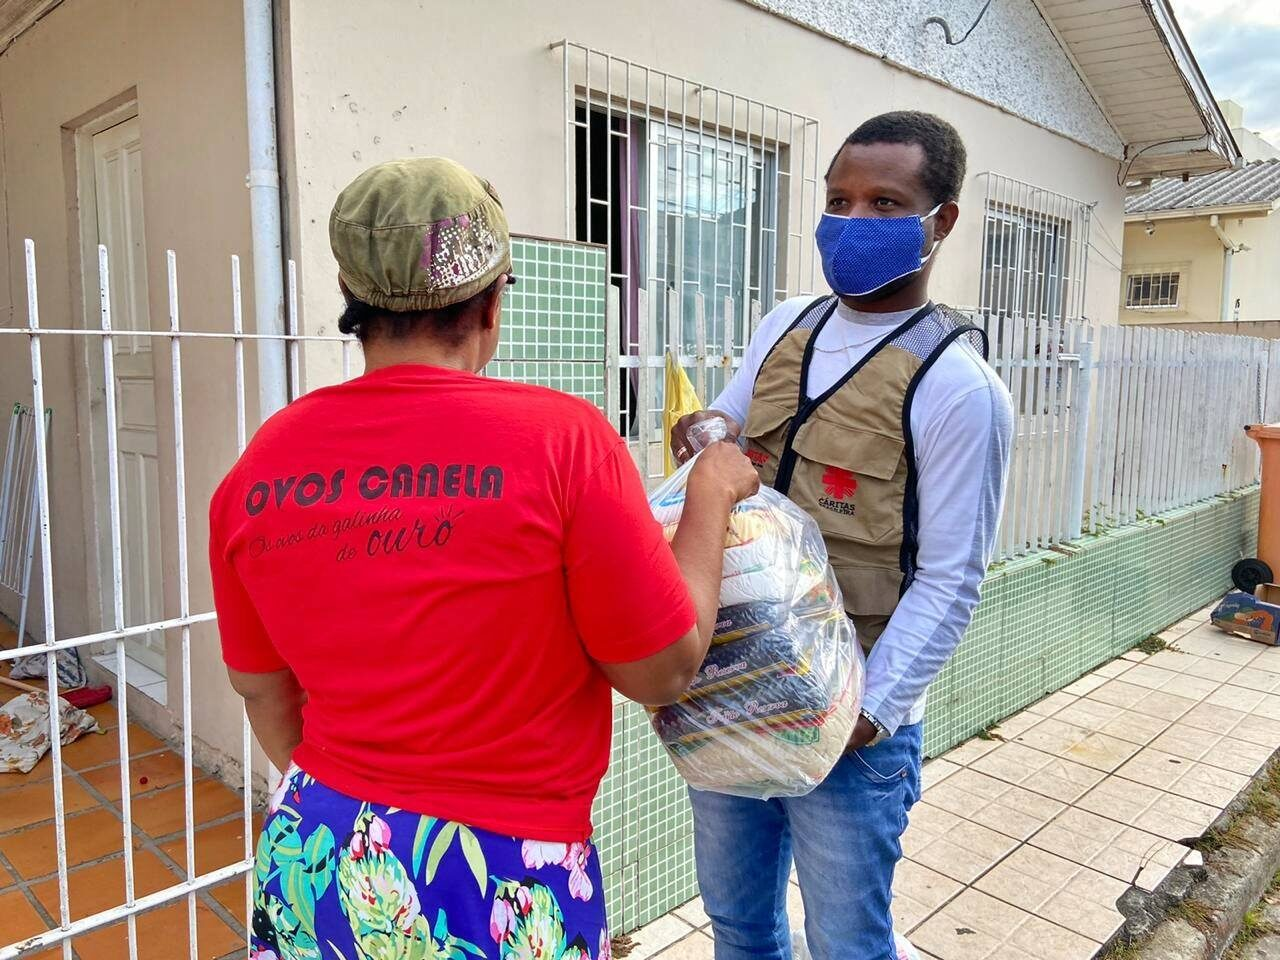 Brésil : alors que le rythme des infections à Covid-19 s'accélère, Caritas distribue de l'aide aux plus vulnérables.